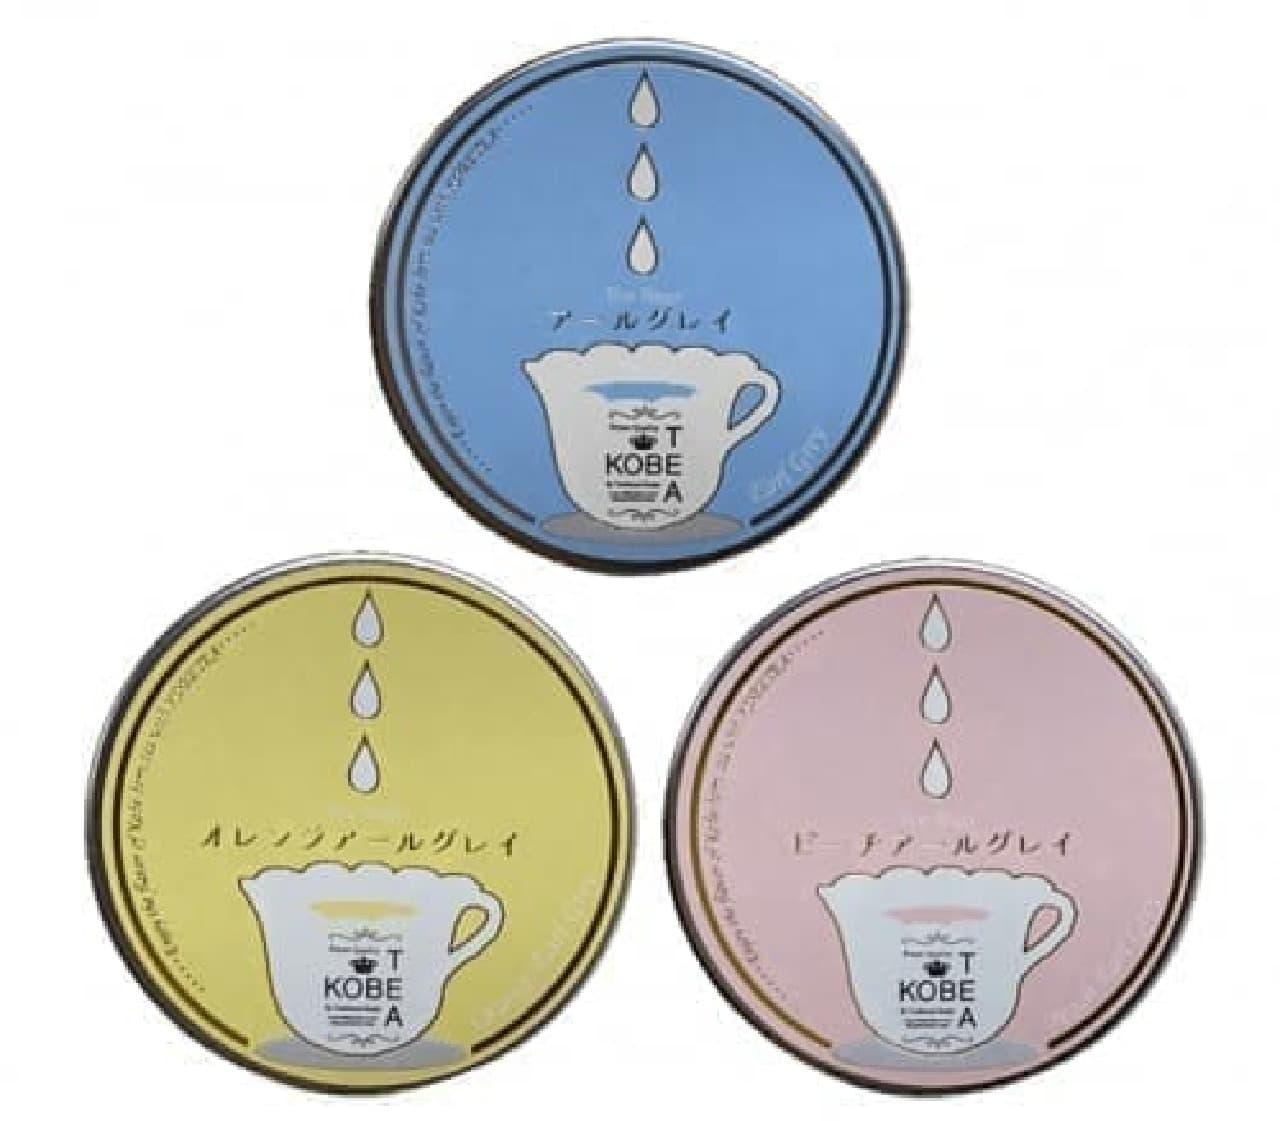 神戸紅茶の「アールグレイ3種飲みくらべセット」